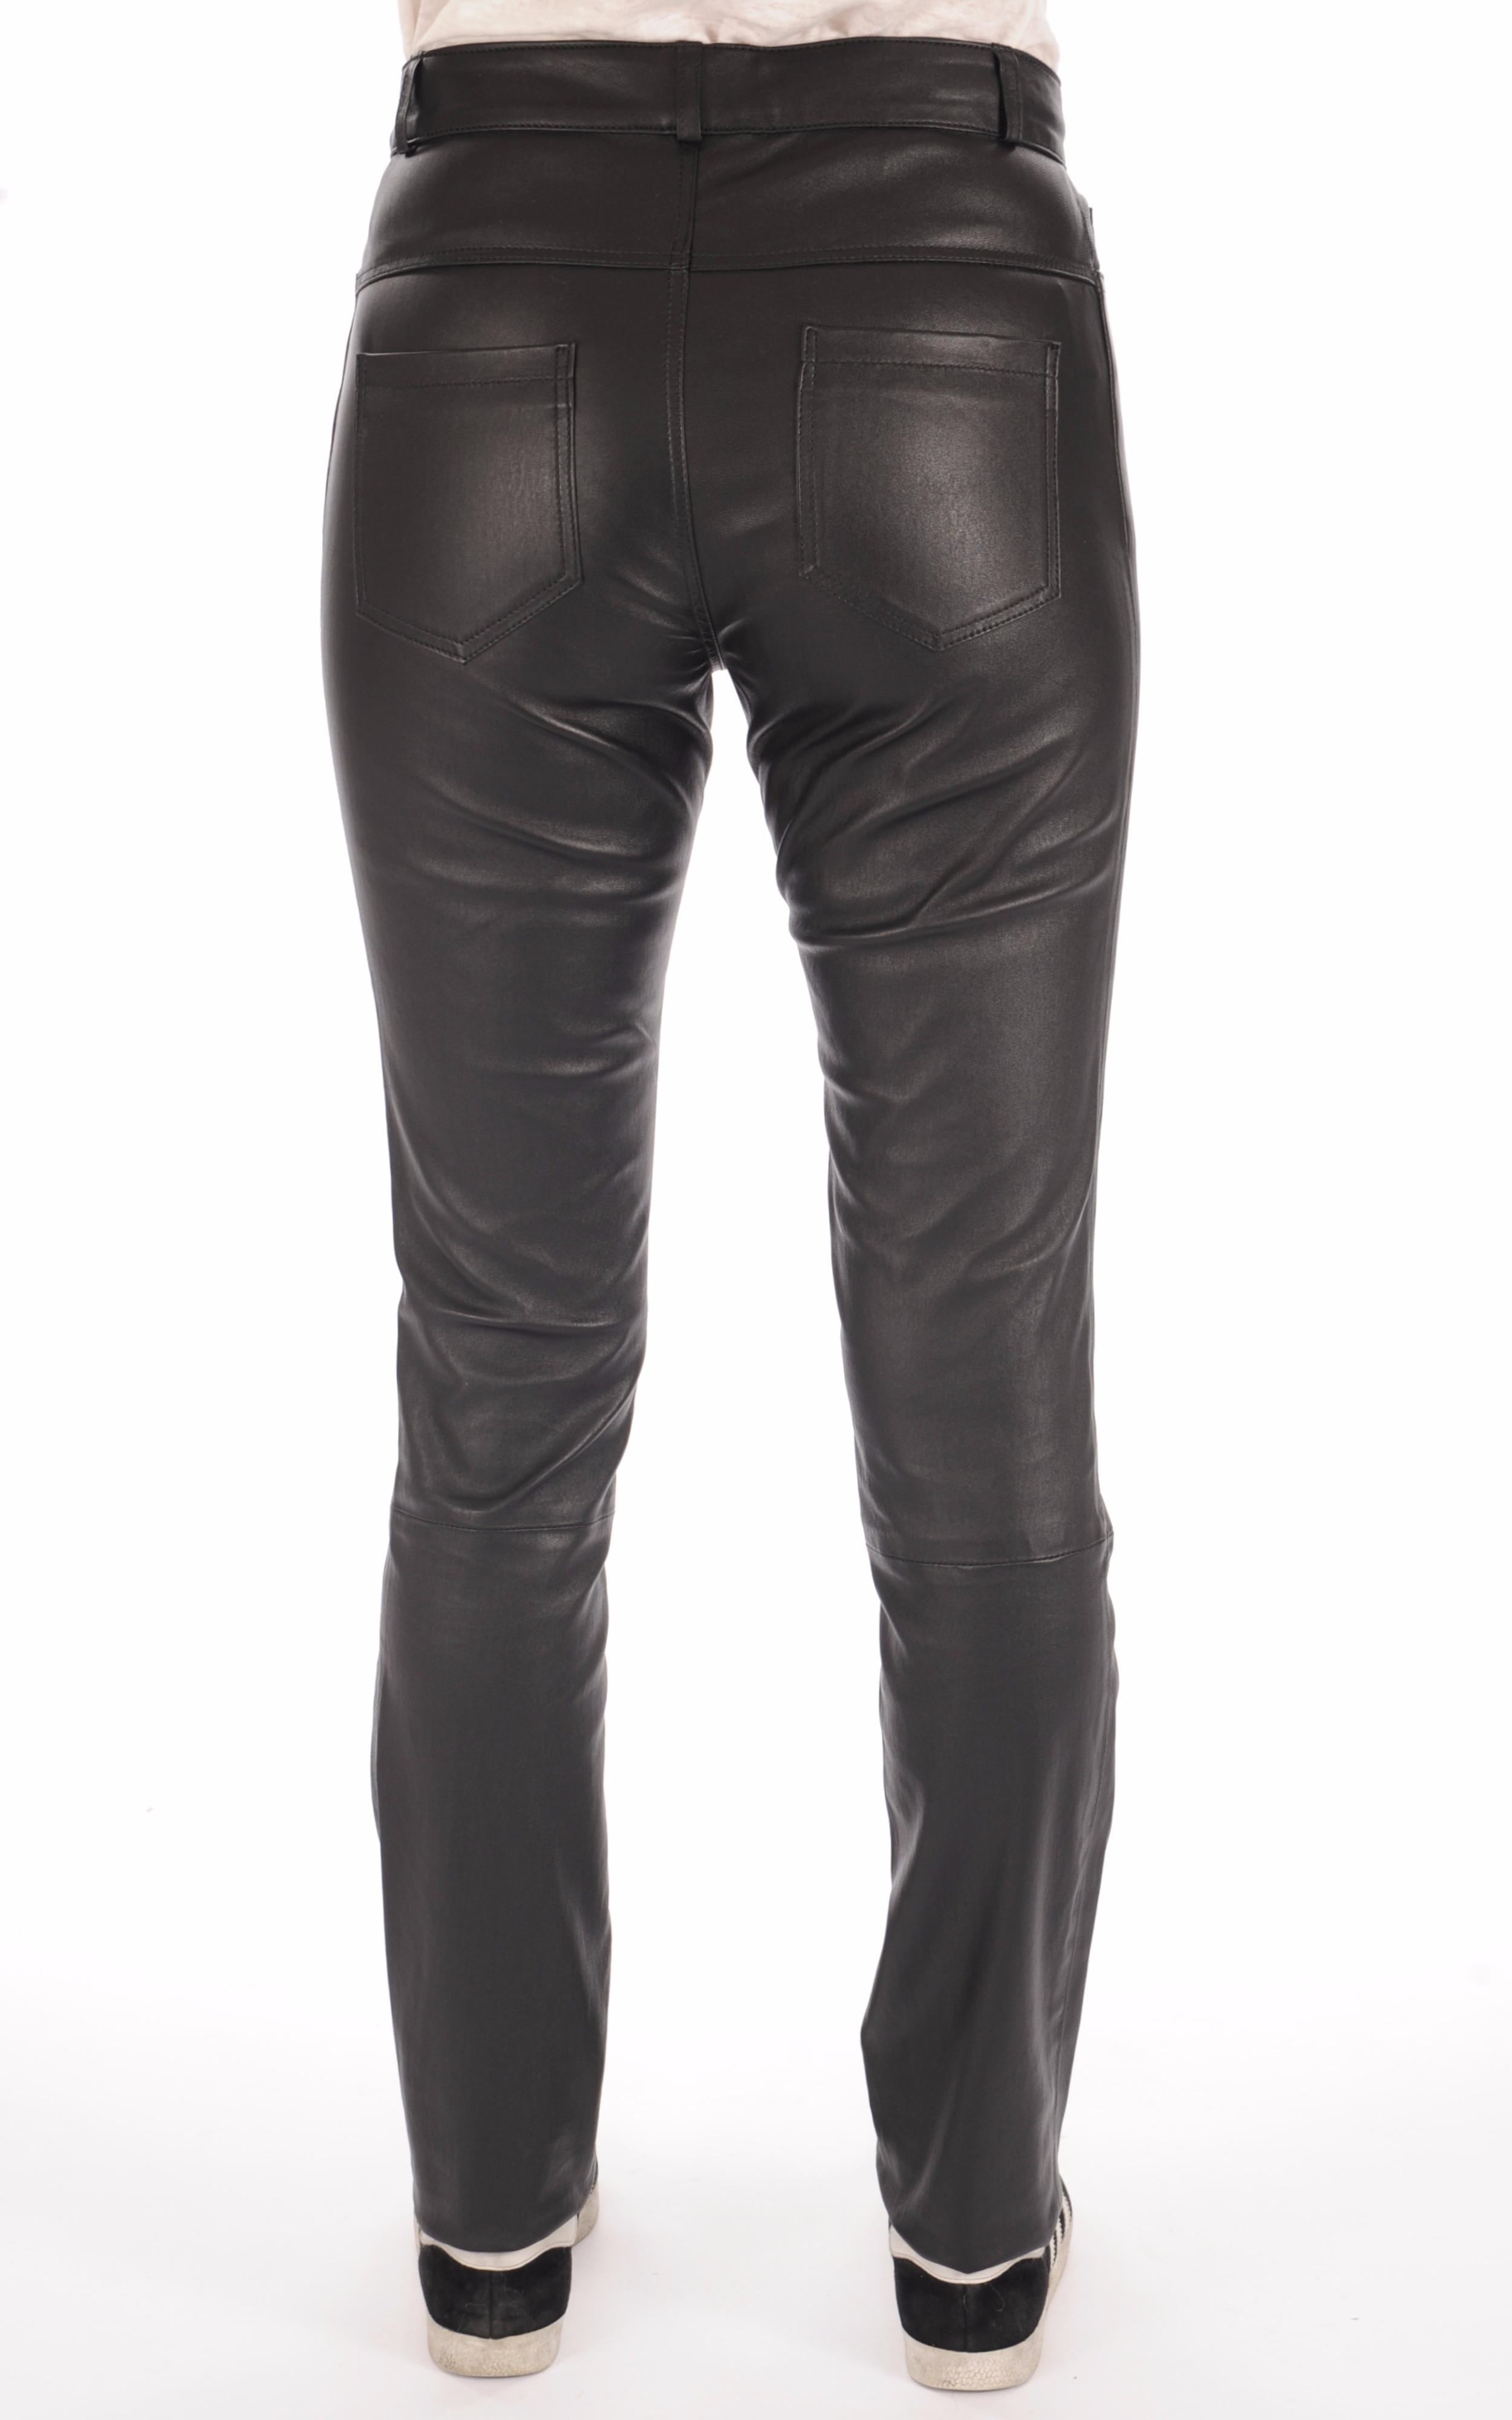 Pantalon slim cuir noir femme La Canadienne